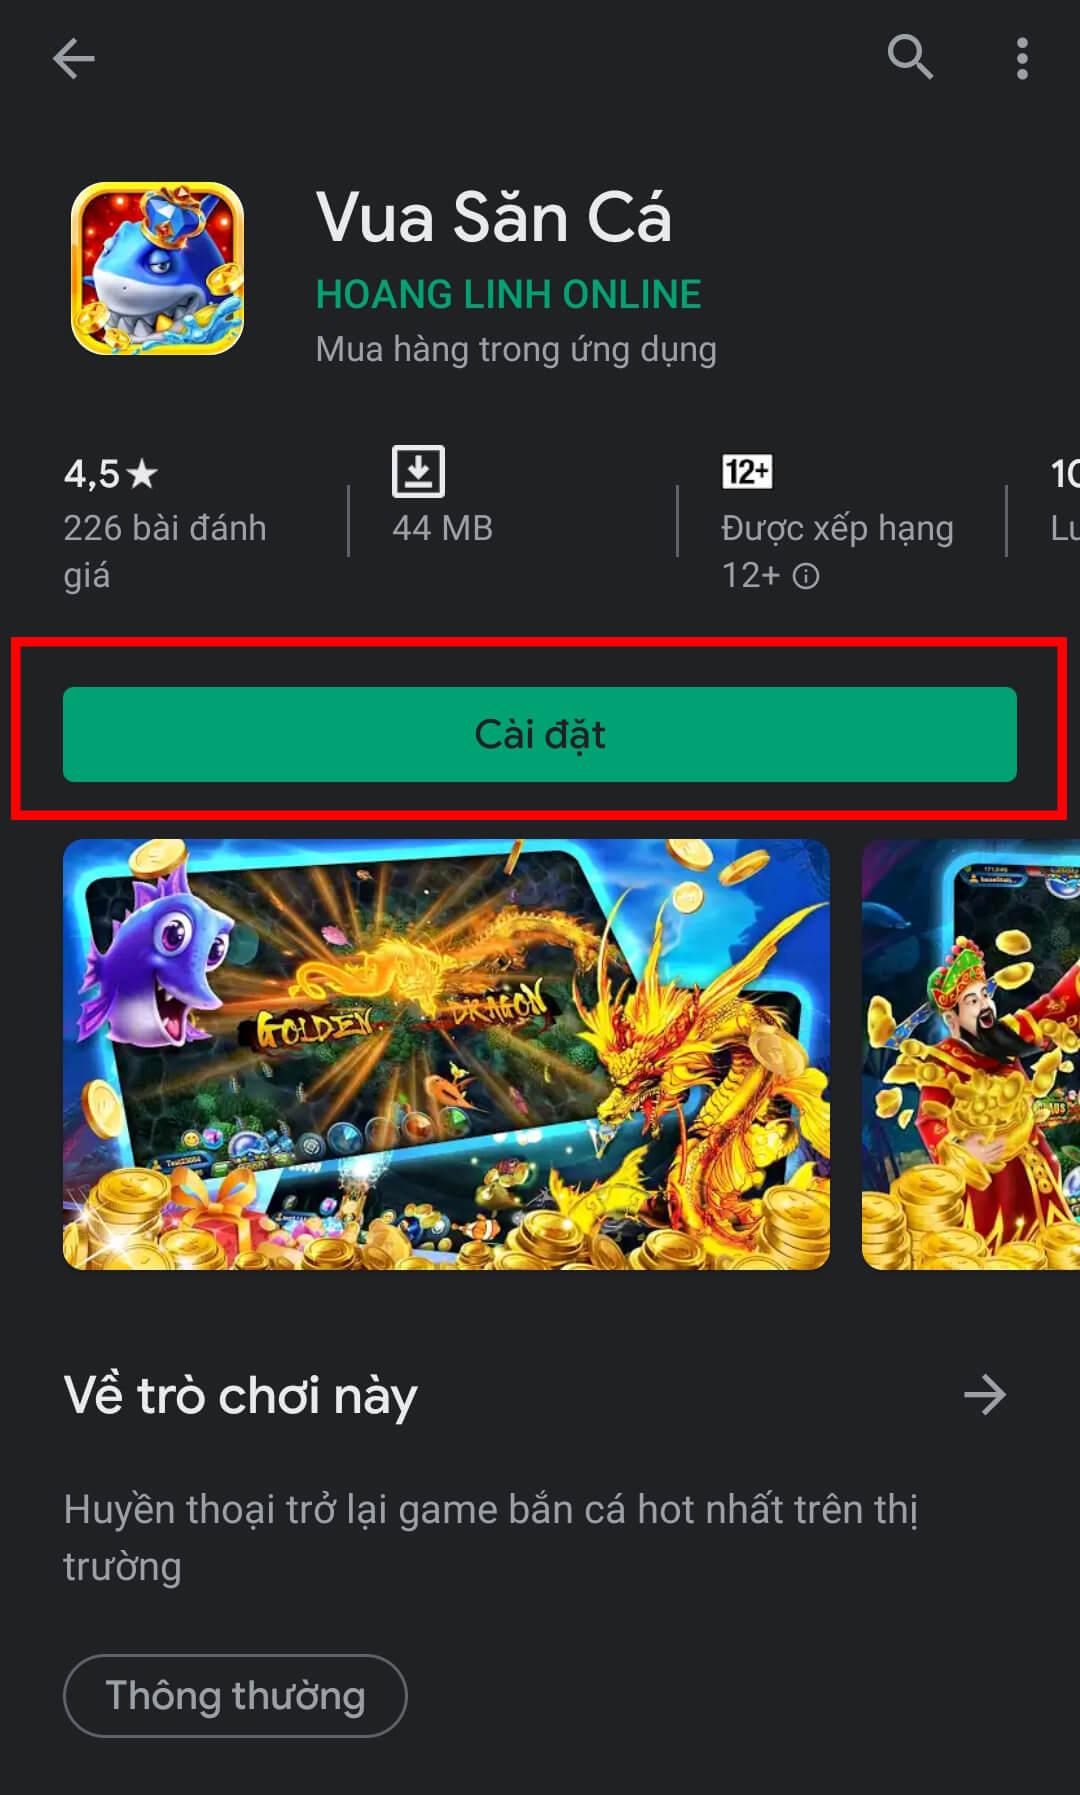 Tải trò chơi Vua săn cá trên Android 03